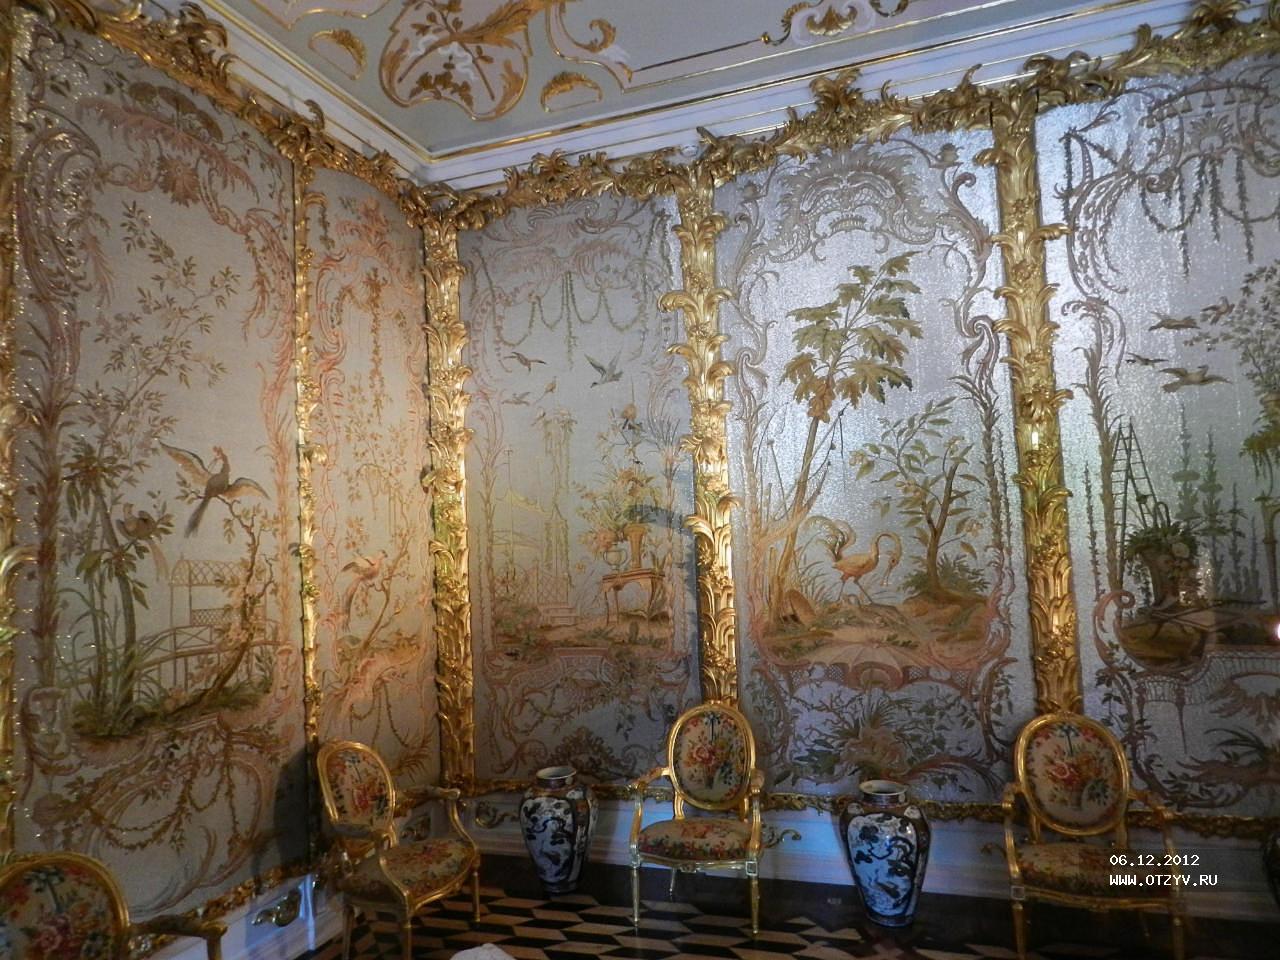 «Стеклярусный кабинет» полностью отображает масштабы использования вышивки